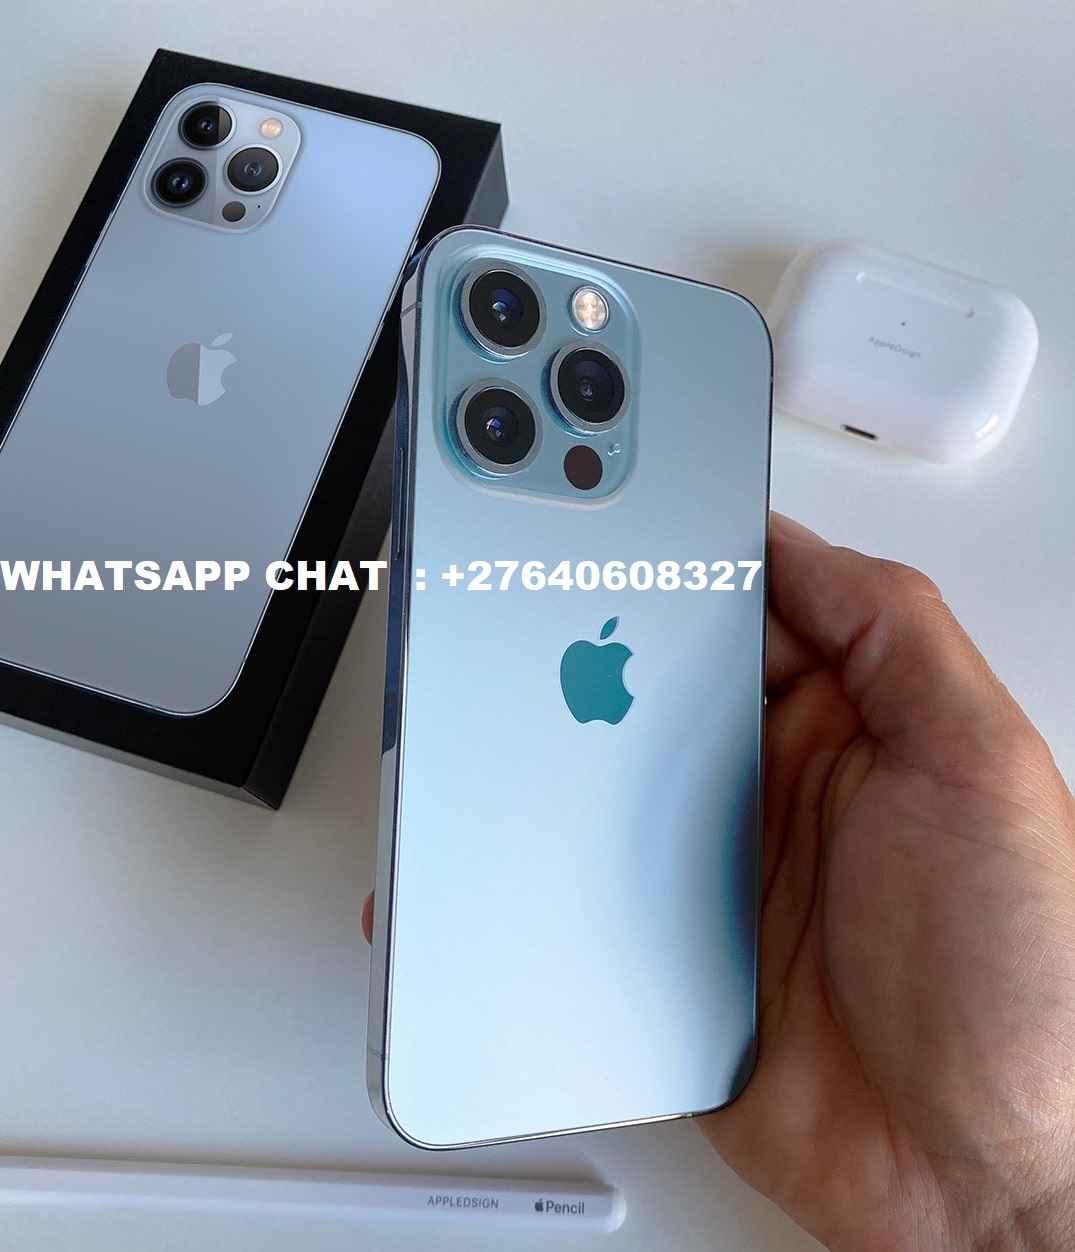 Nowe Apple iPhone 13 Pro i iPhone 13 Pro Max 128GB/ 256GB / 512GB/ 1TB Mokotów - zdjęcie 5